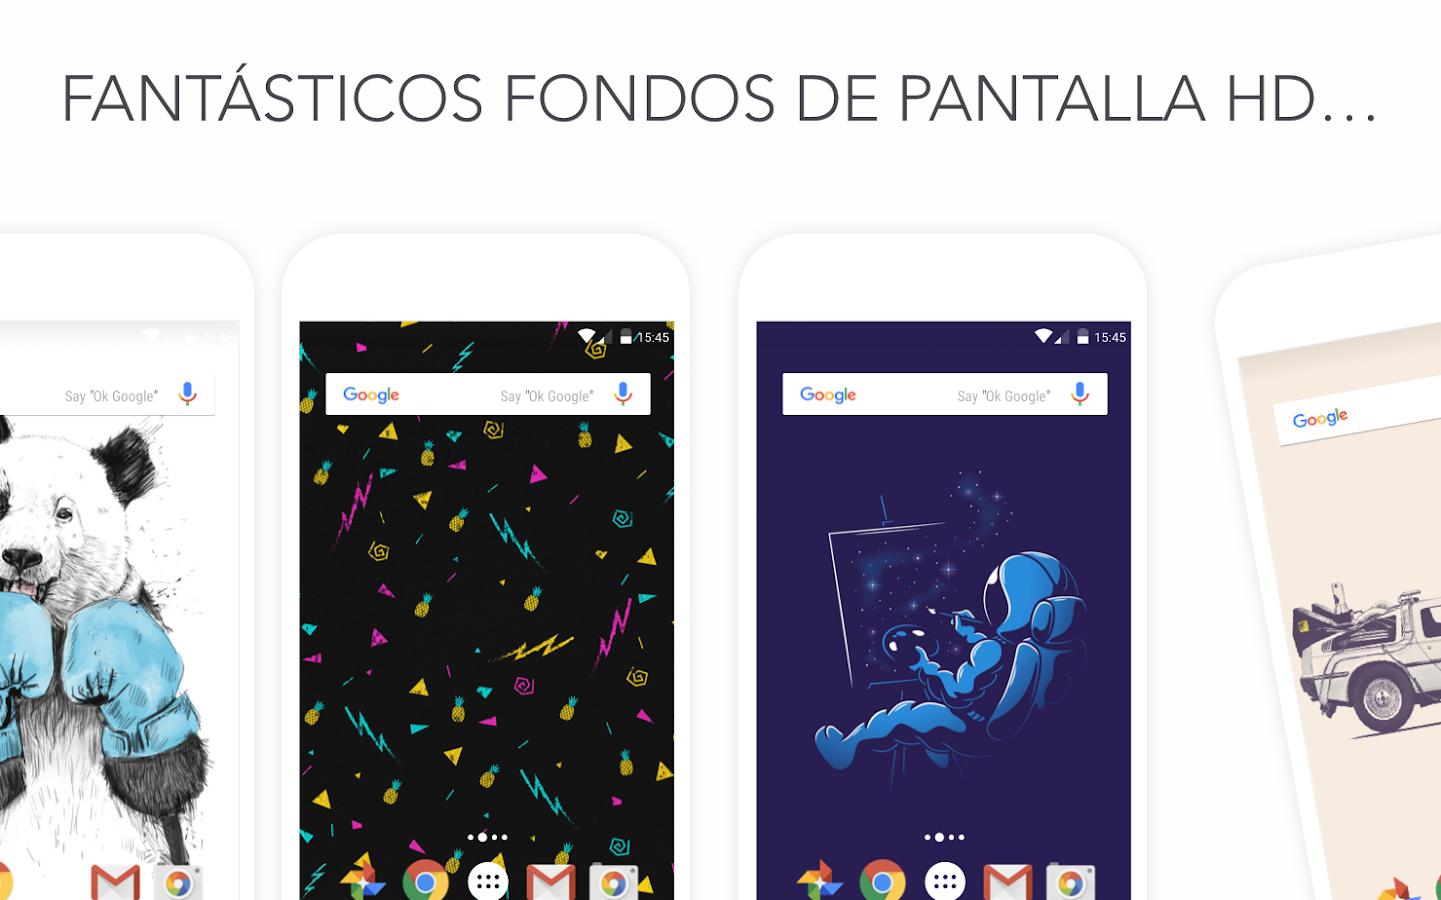 Walli fondos de pantalla hd aplicaciones android en for Aplicaciones de fondos de pantalla